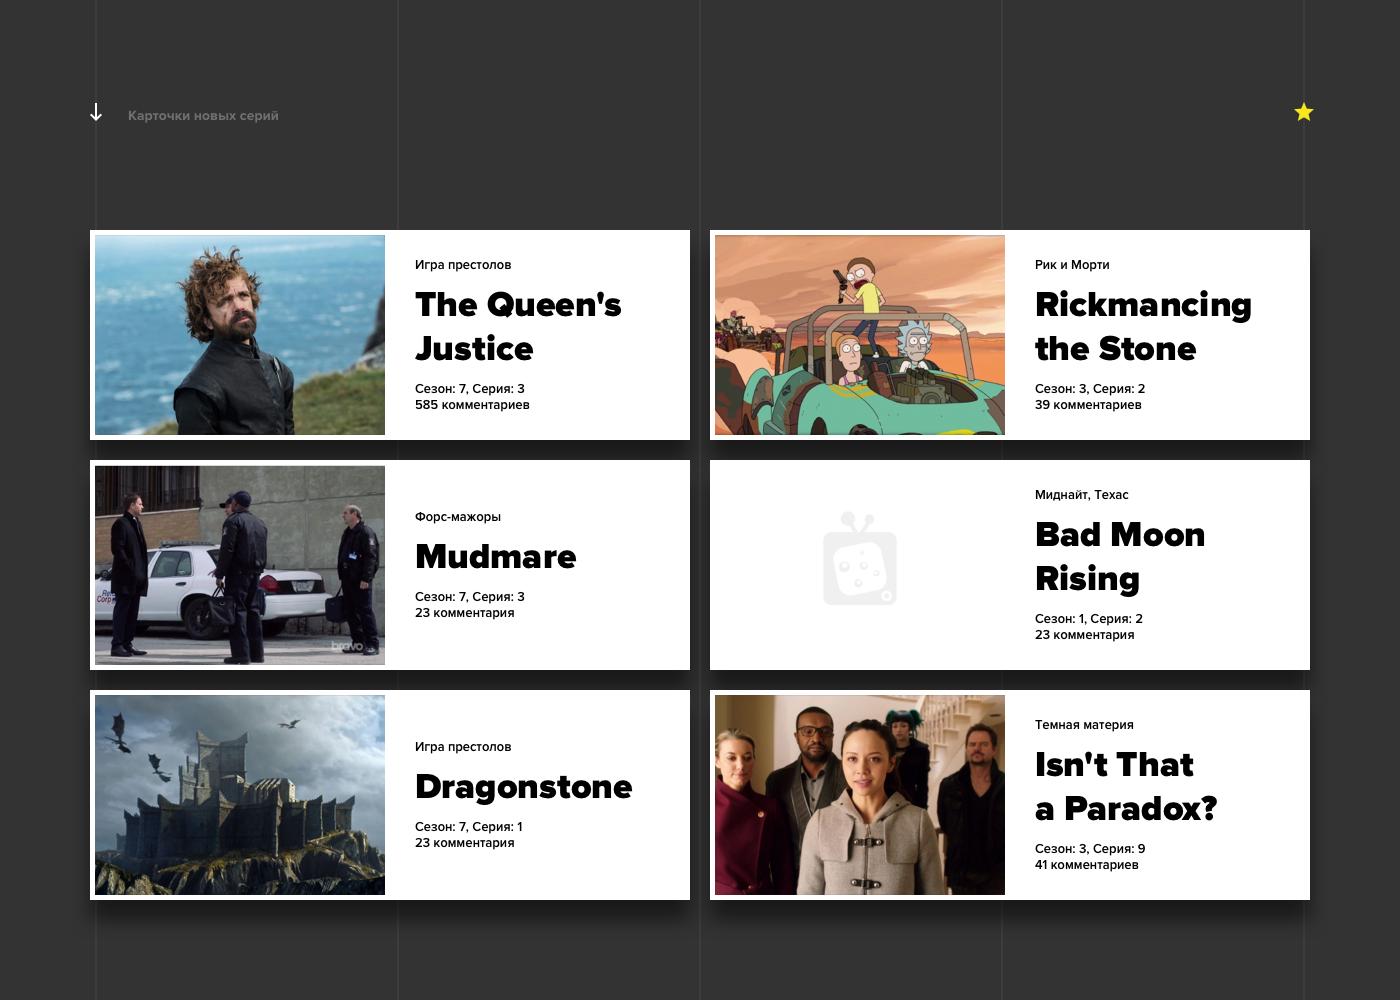 web  Design creative ux UI app visual Russia tv series Game of Thrones